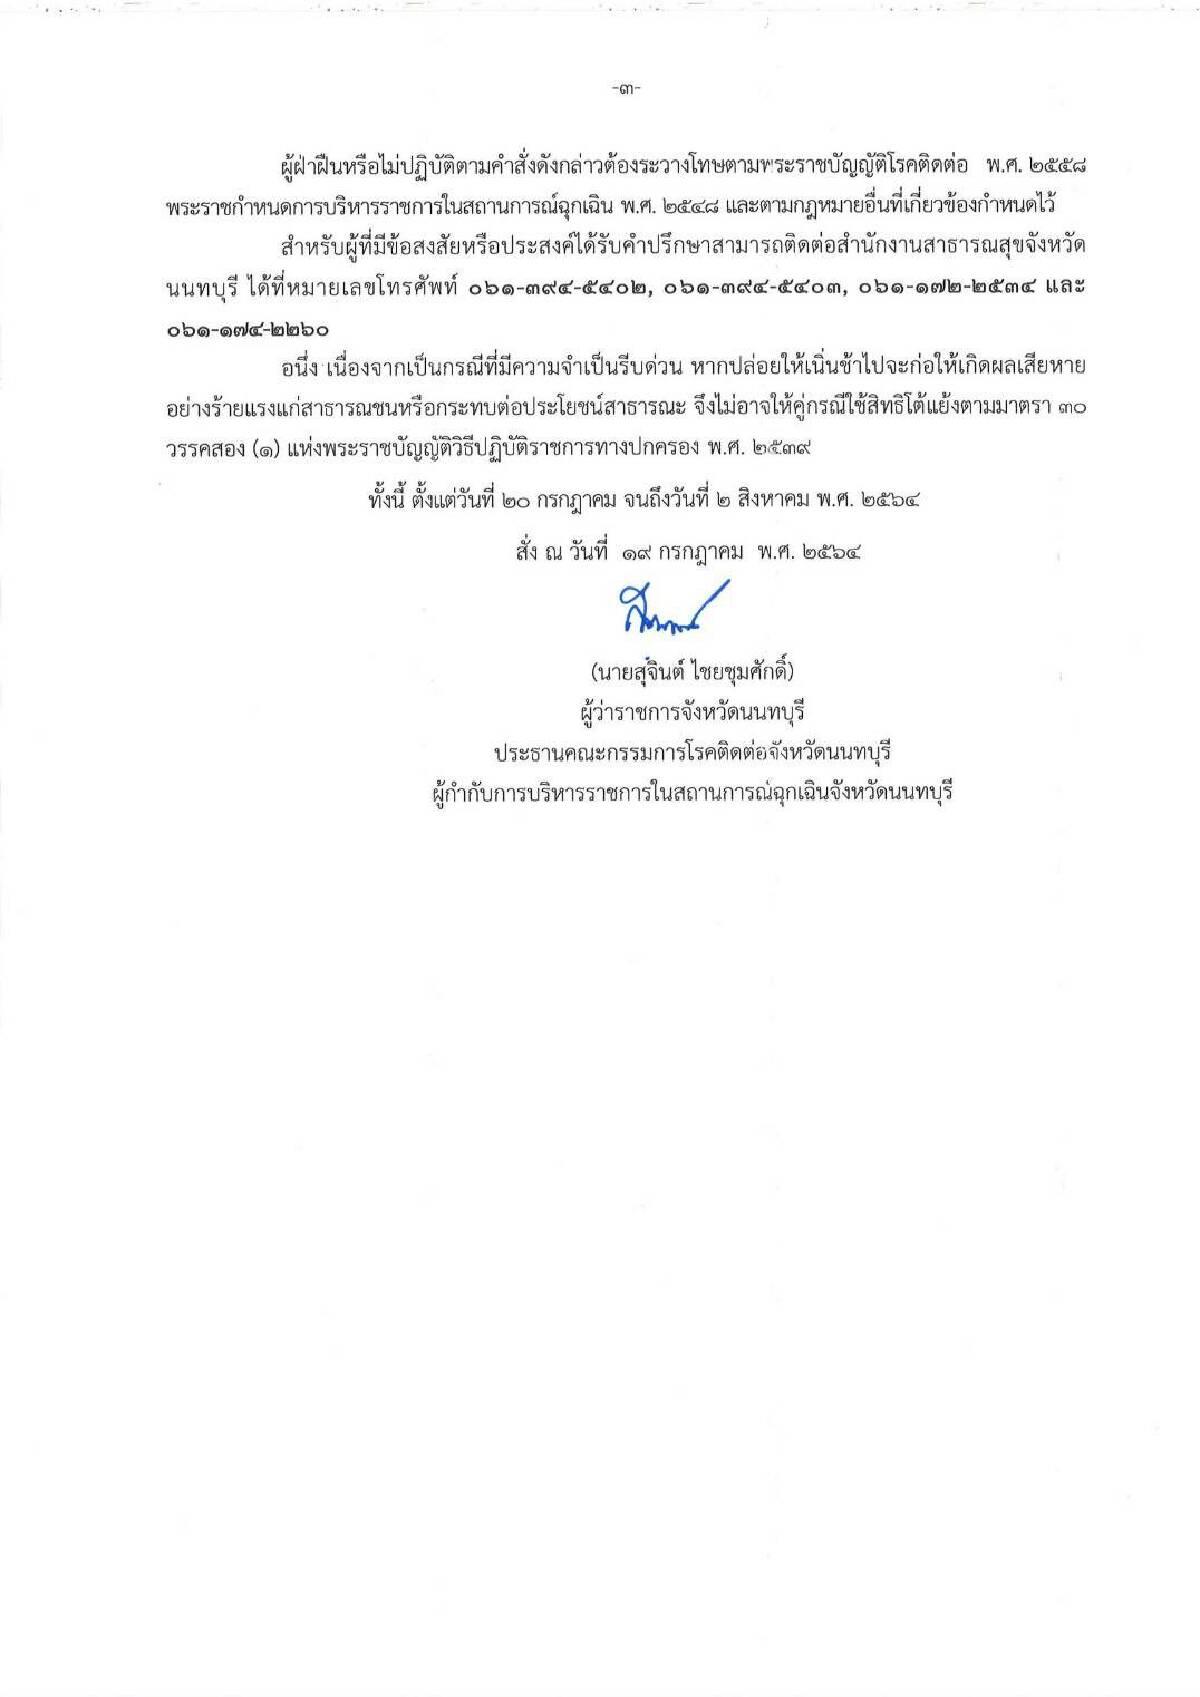 นนทบุรี ประกาศปิดสถานที่ชั่วคราว มีผลวันนี้ ถึง 2 สิงหาคม